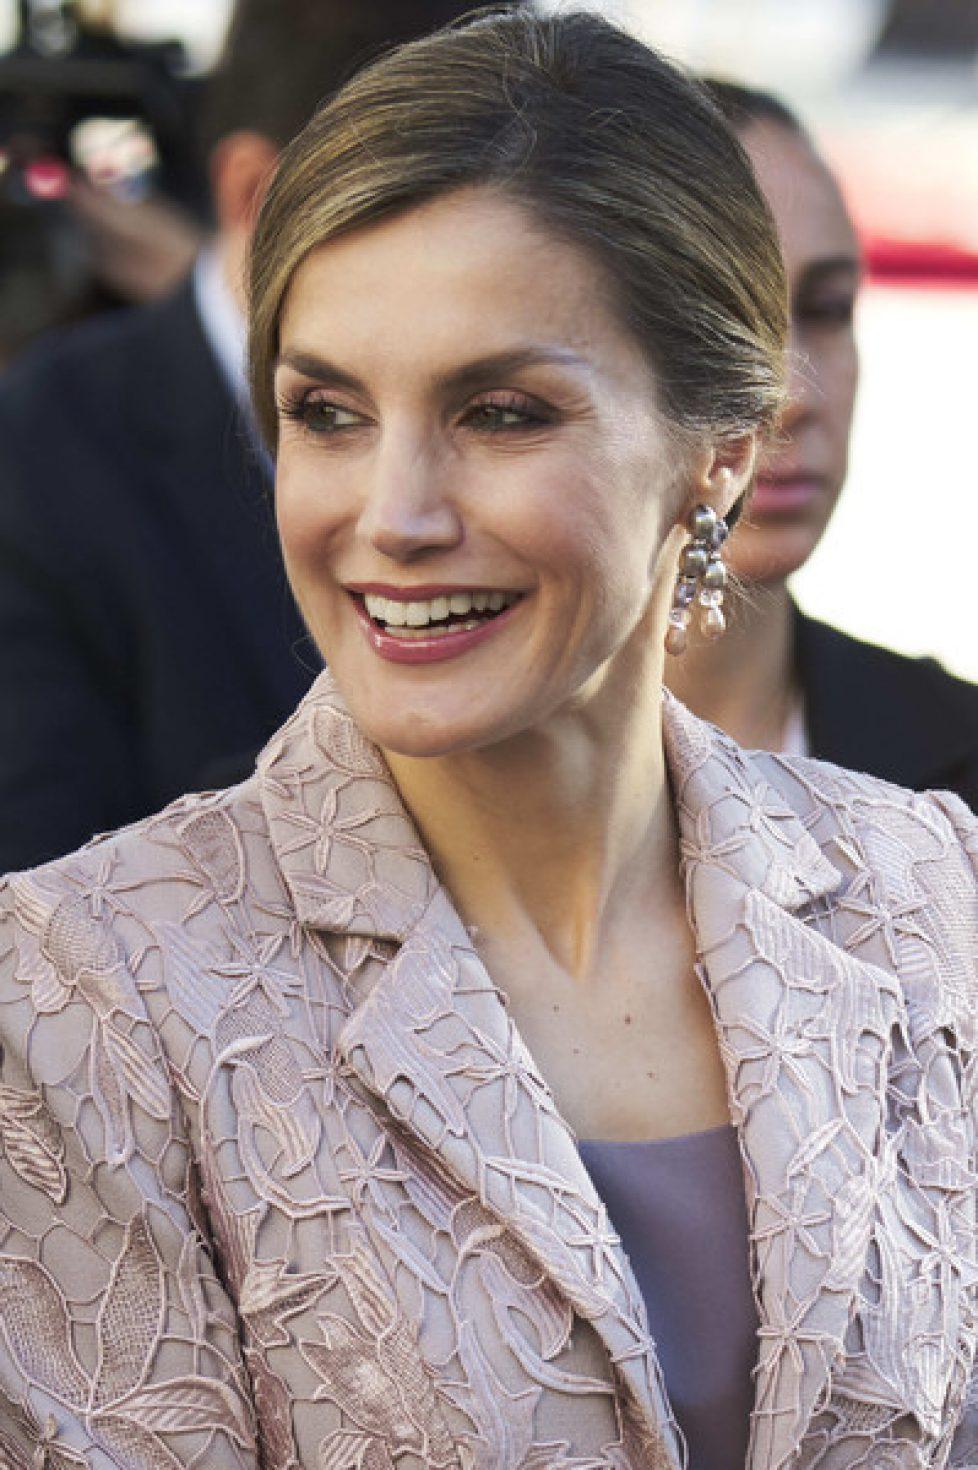 Les boucles d'oreilles de la reine Letizia